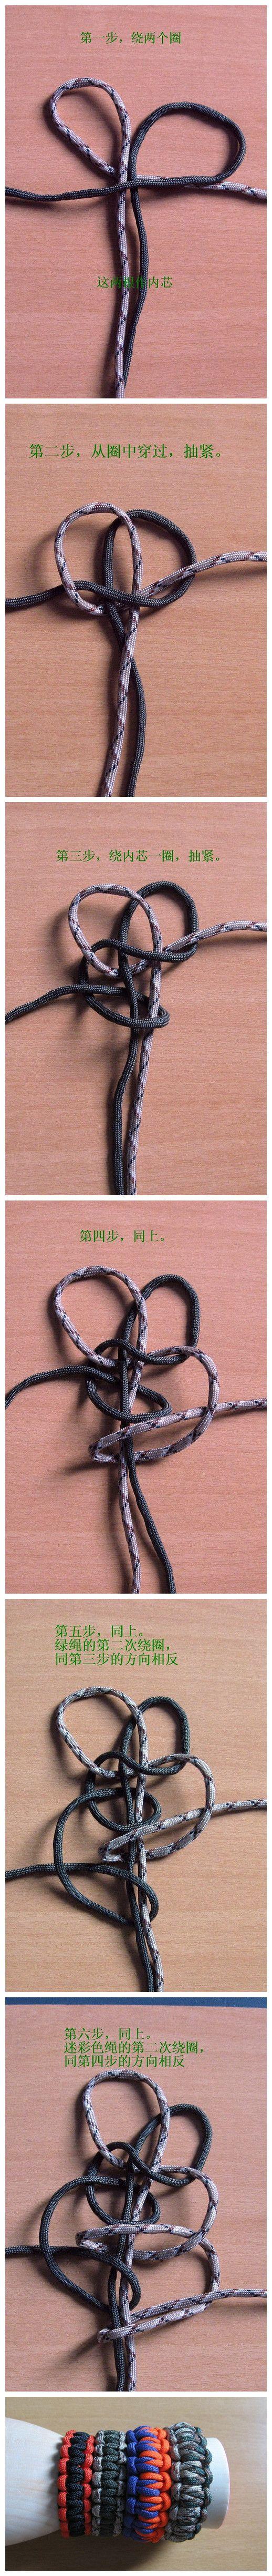 shoelace bracelet - quite cute actually